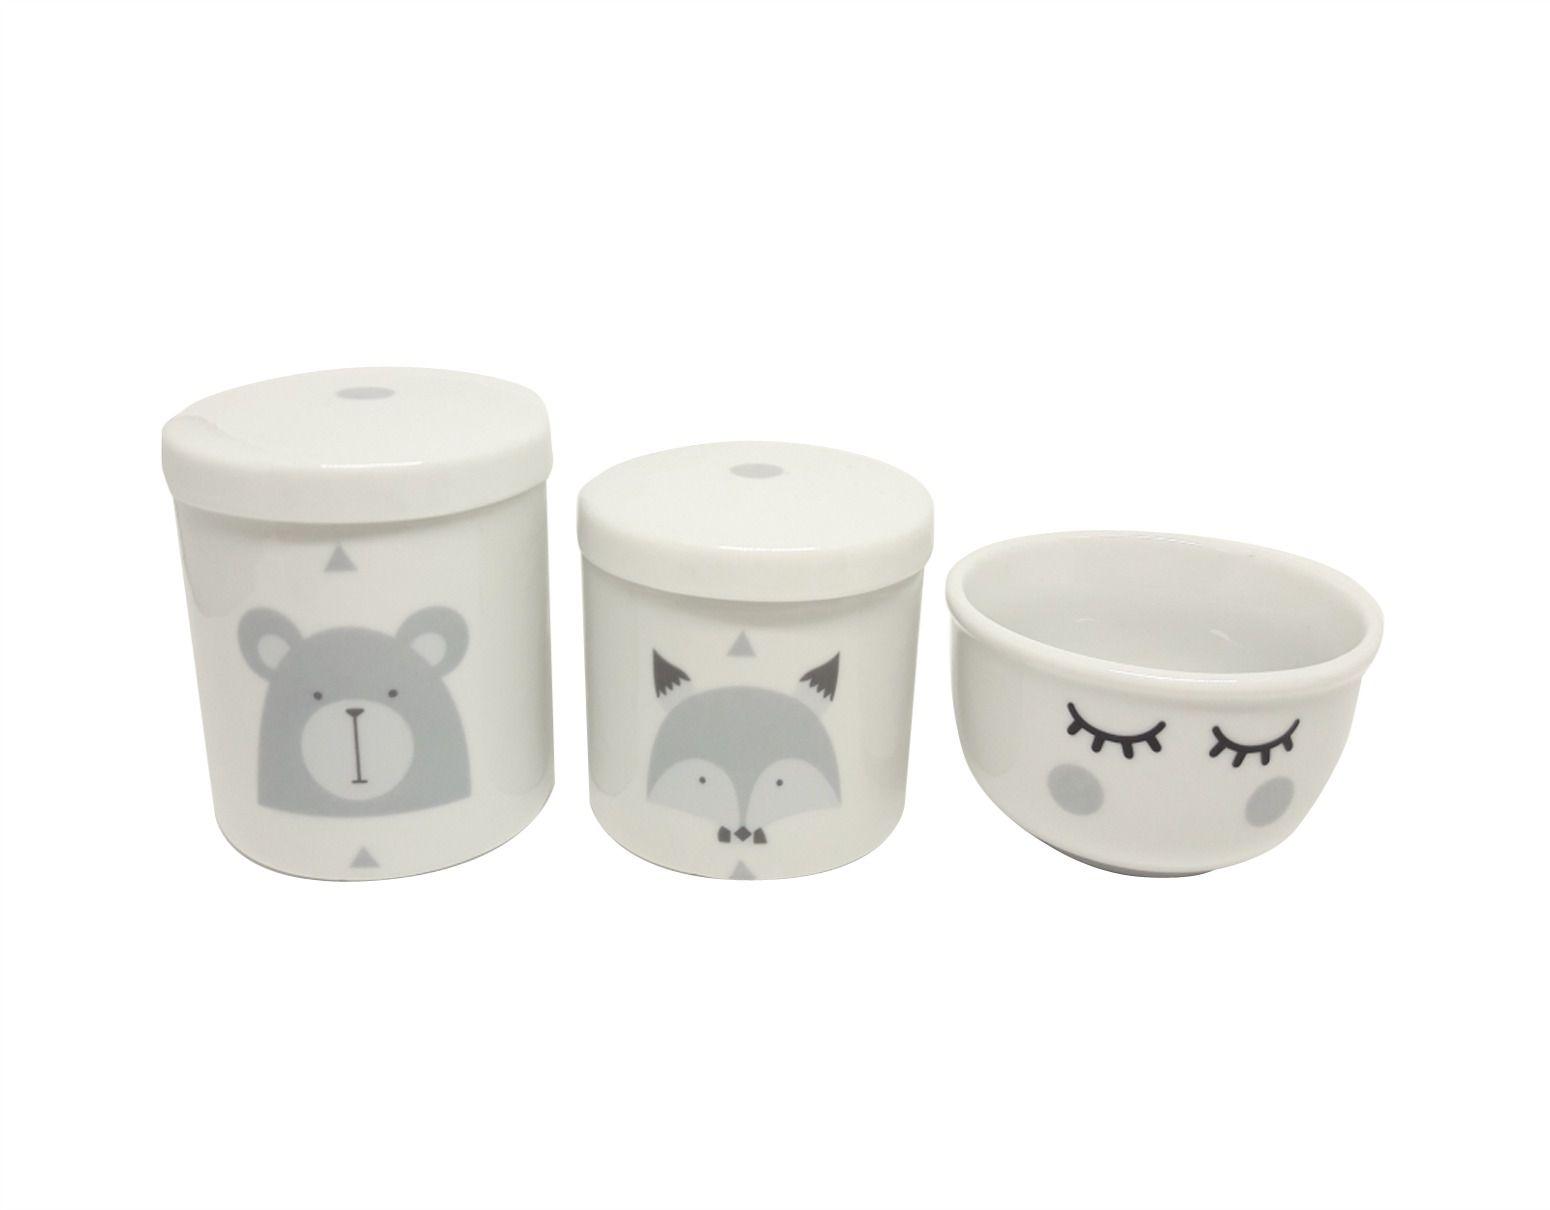 Kit Higiene Bebê Porcelana Escandinavo |Urso e Raposa e Olhinhos |